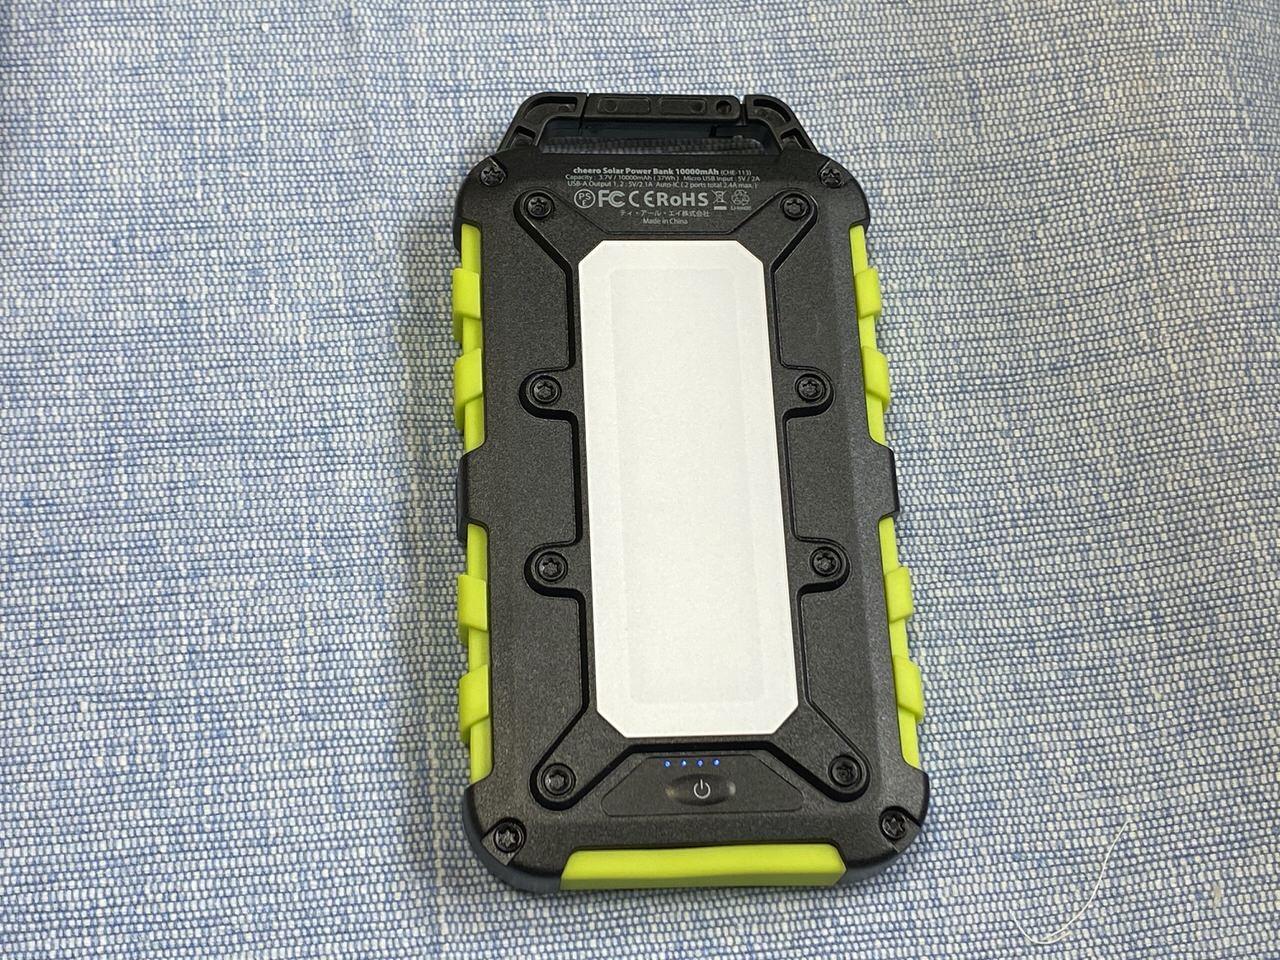 アウトドア向き!強力なLEDライト搭載する防水仕様でソーラー充電可能な大容量モバイルバッテリー「cheero Solar Power Bank 10000mAh」 #提供